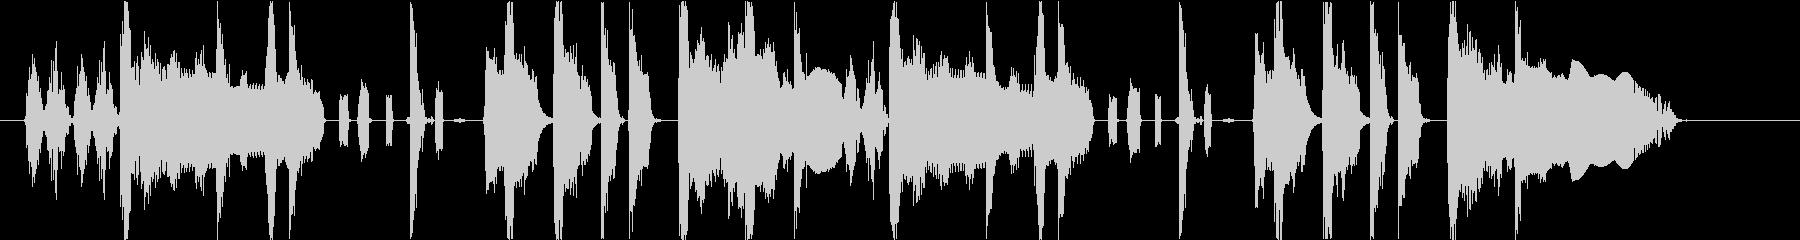 ファンキーなサウンドロゴの未再生の波形